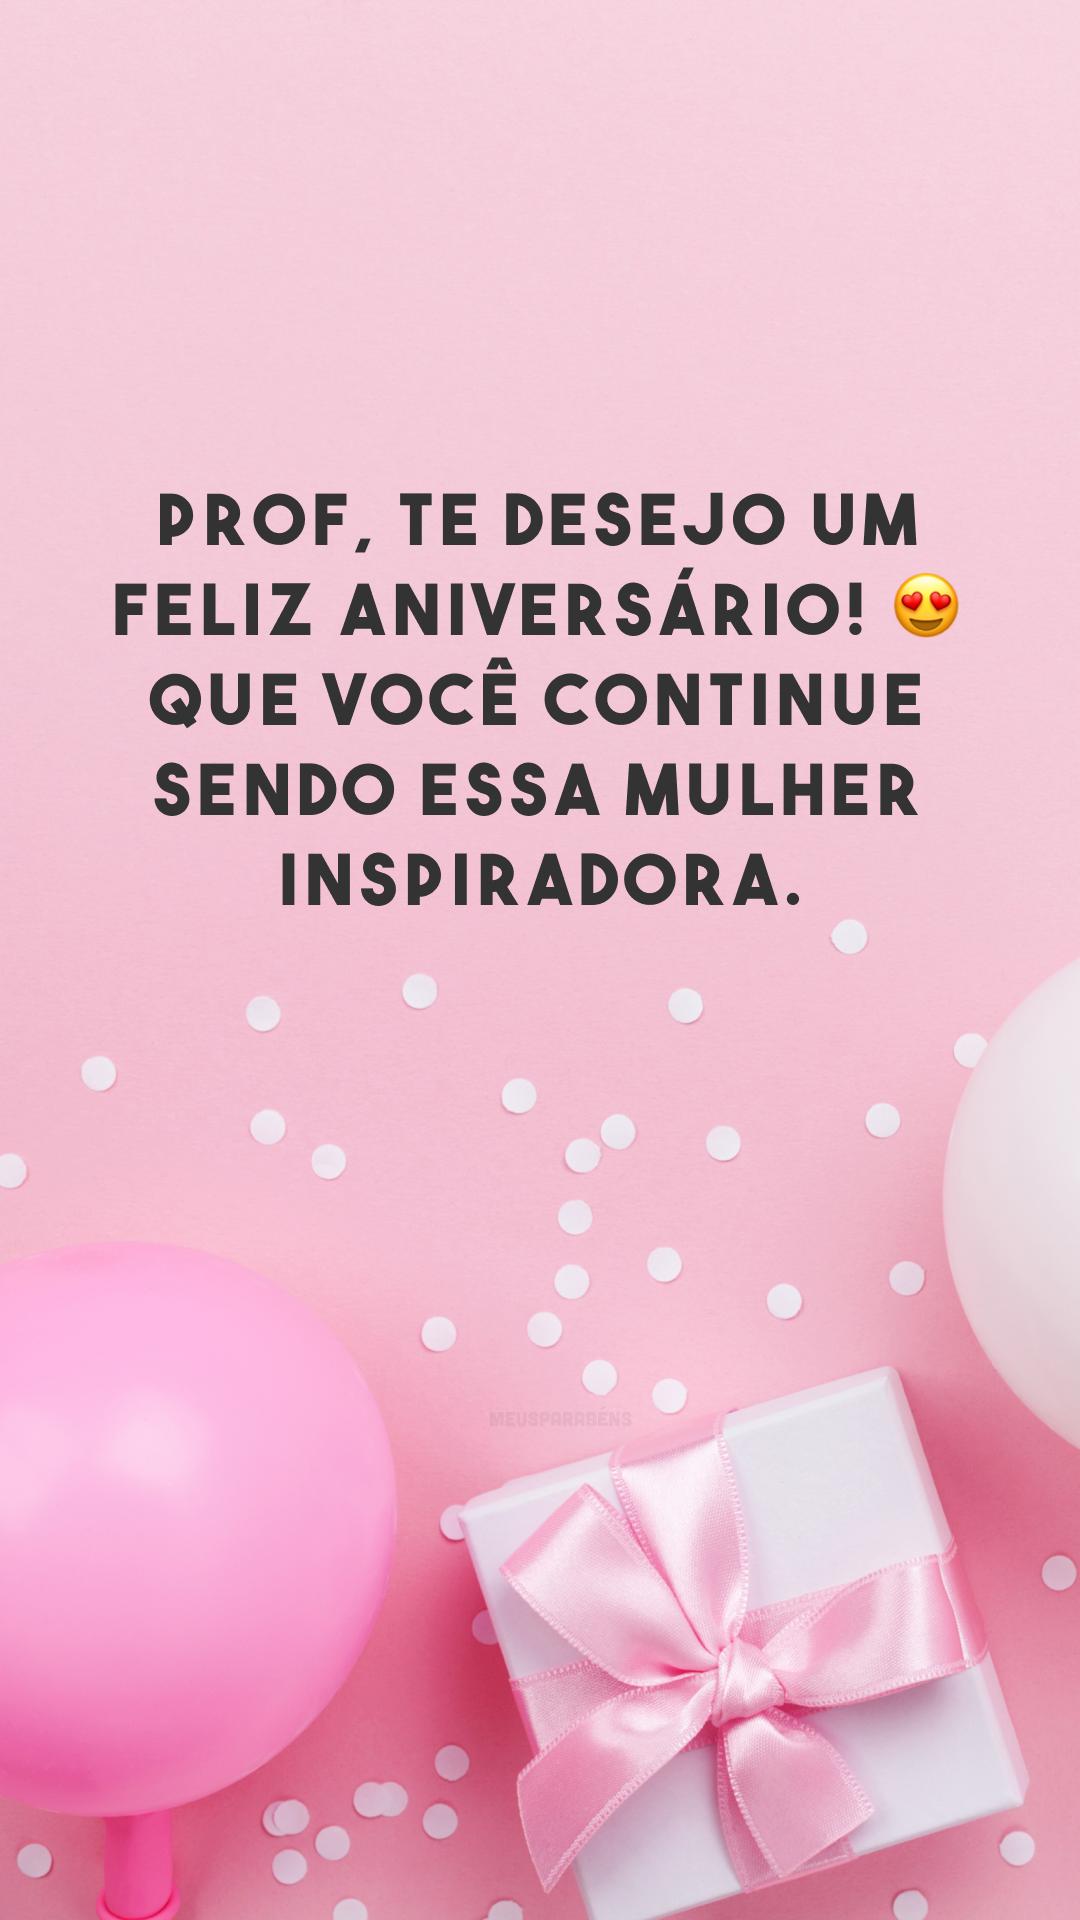 Prof, te desejo um feliz aniversário! 😍 Que você continue sendo essa mulher inspiradora.